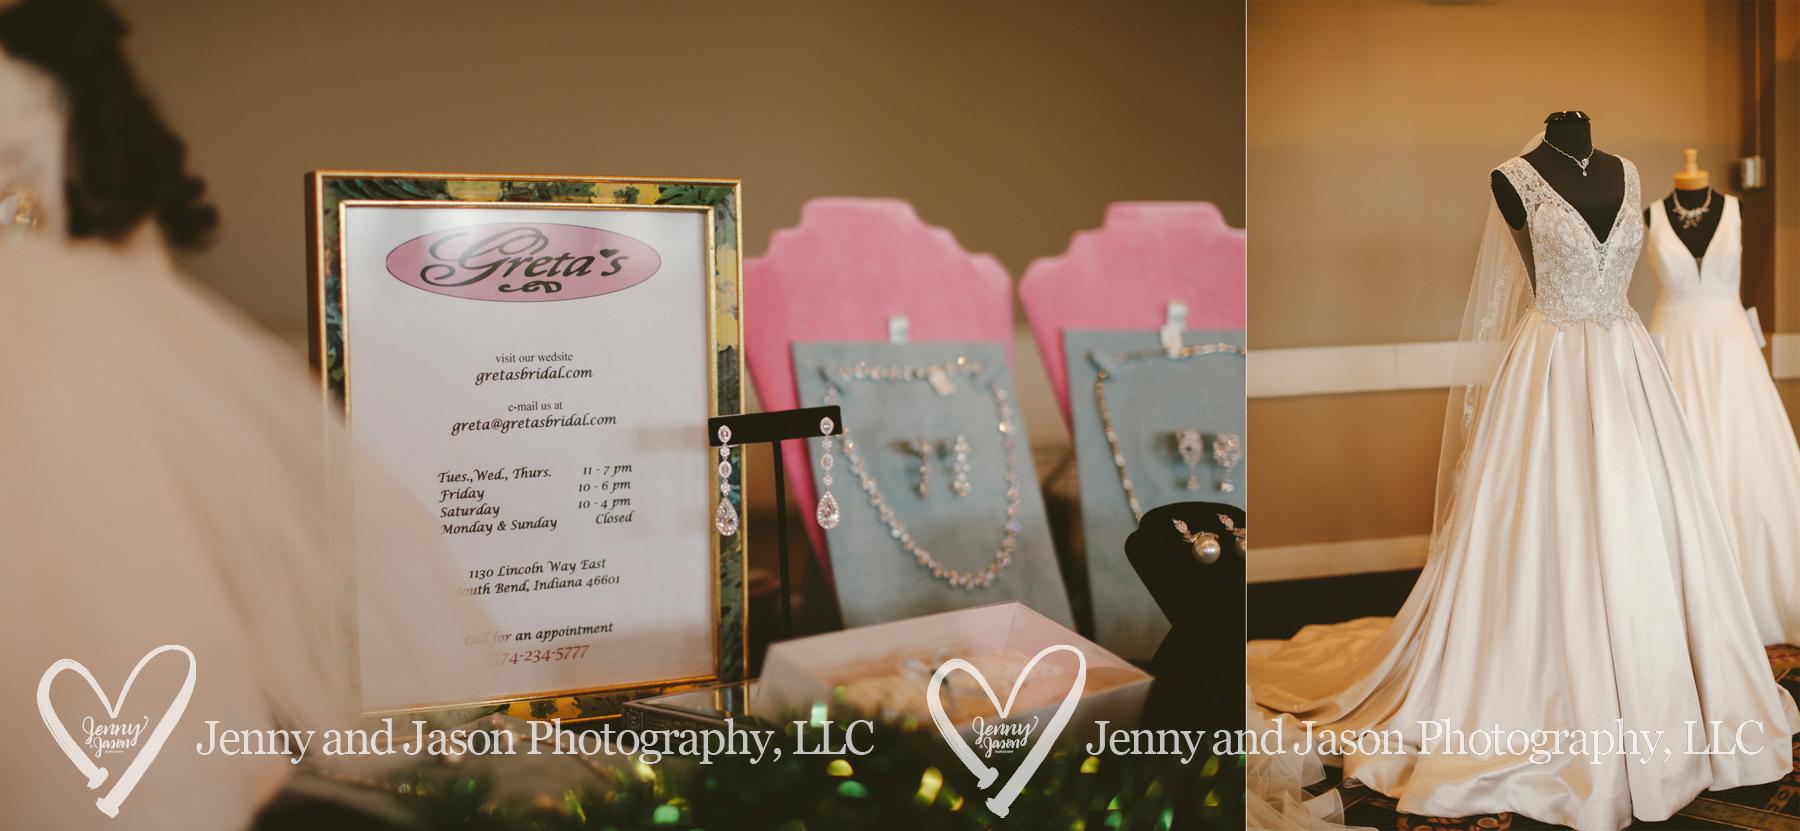 022  mpcc bridal show 2019.jpg